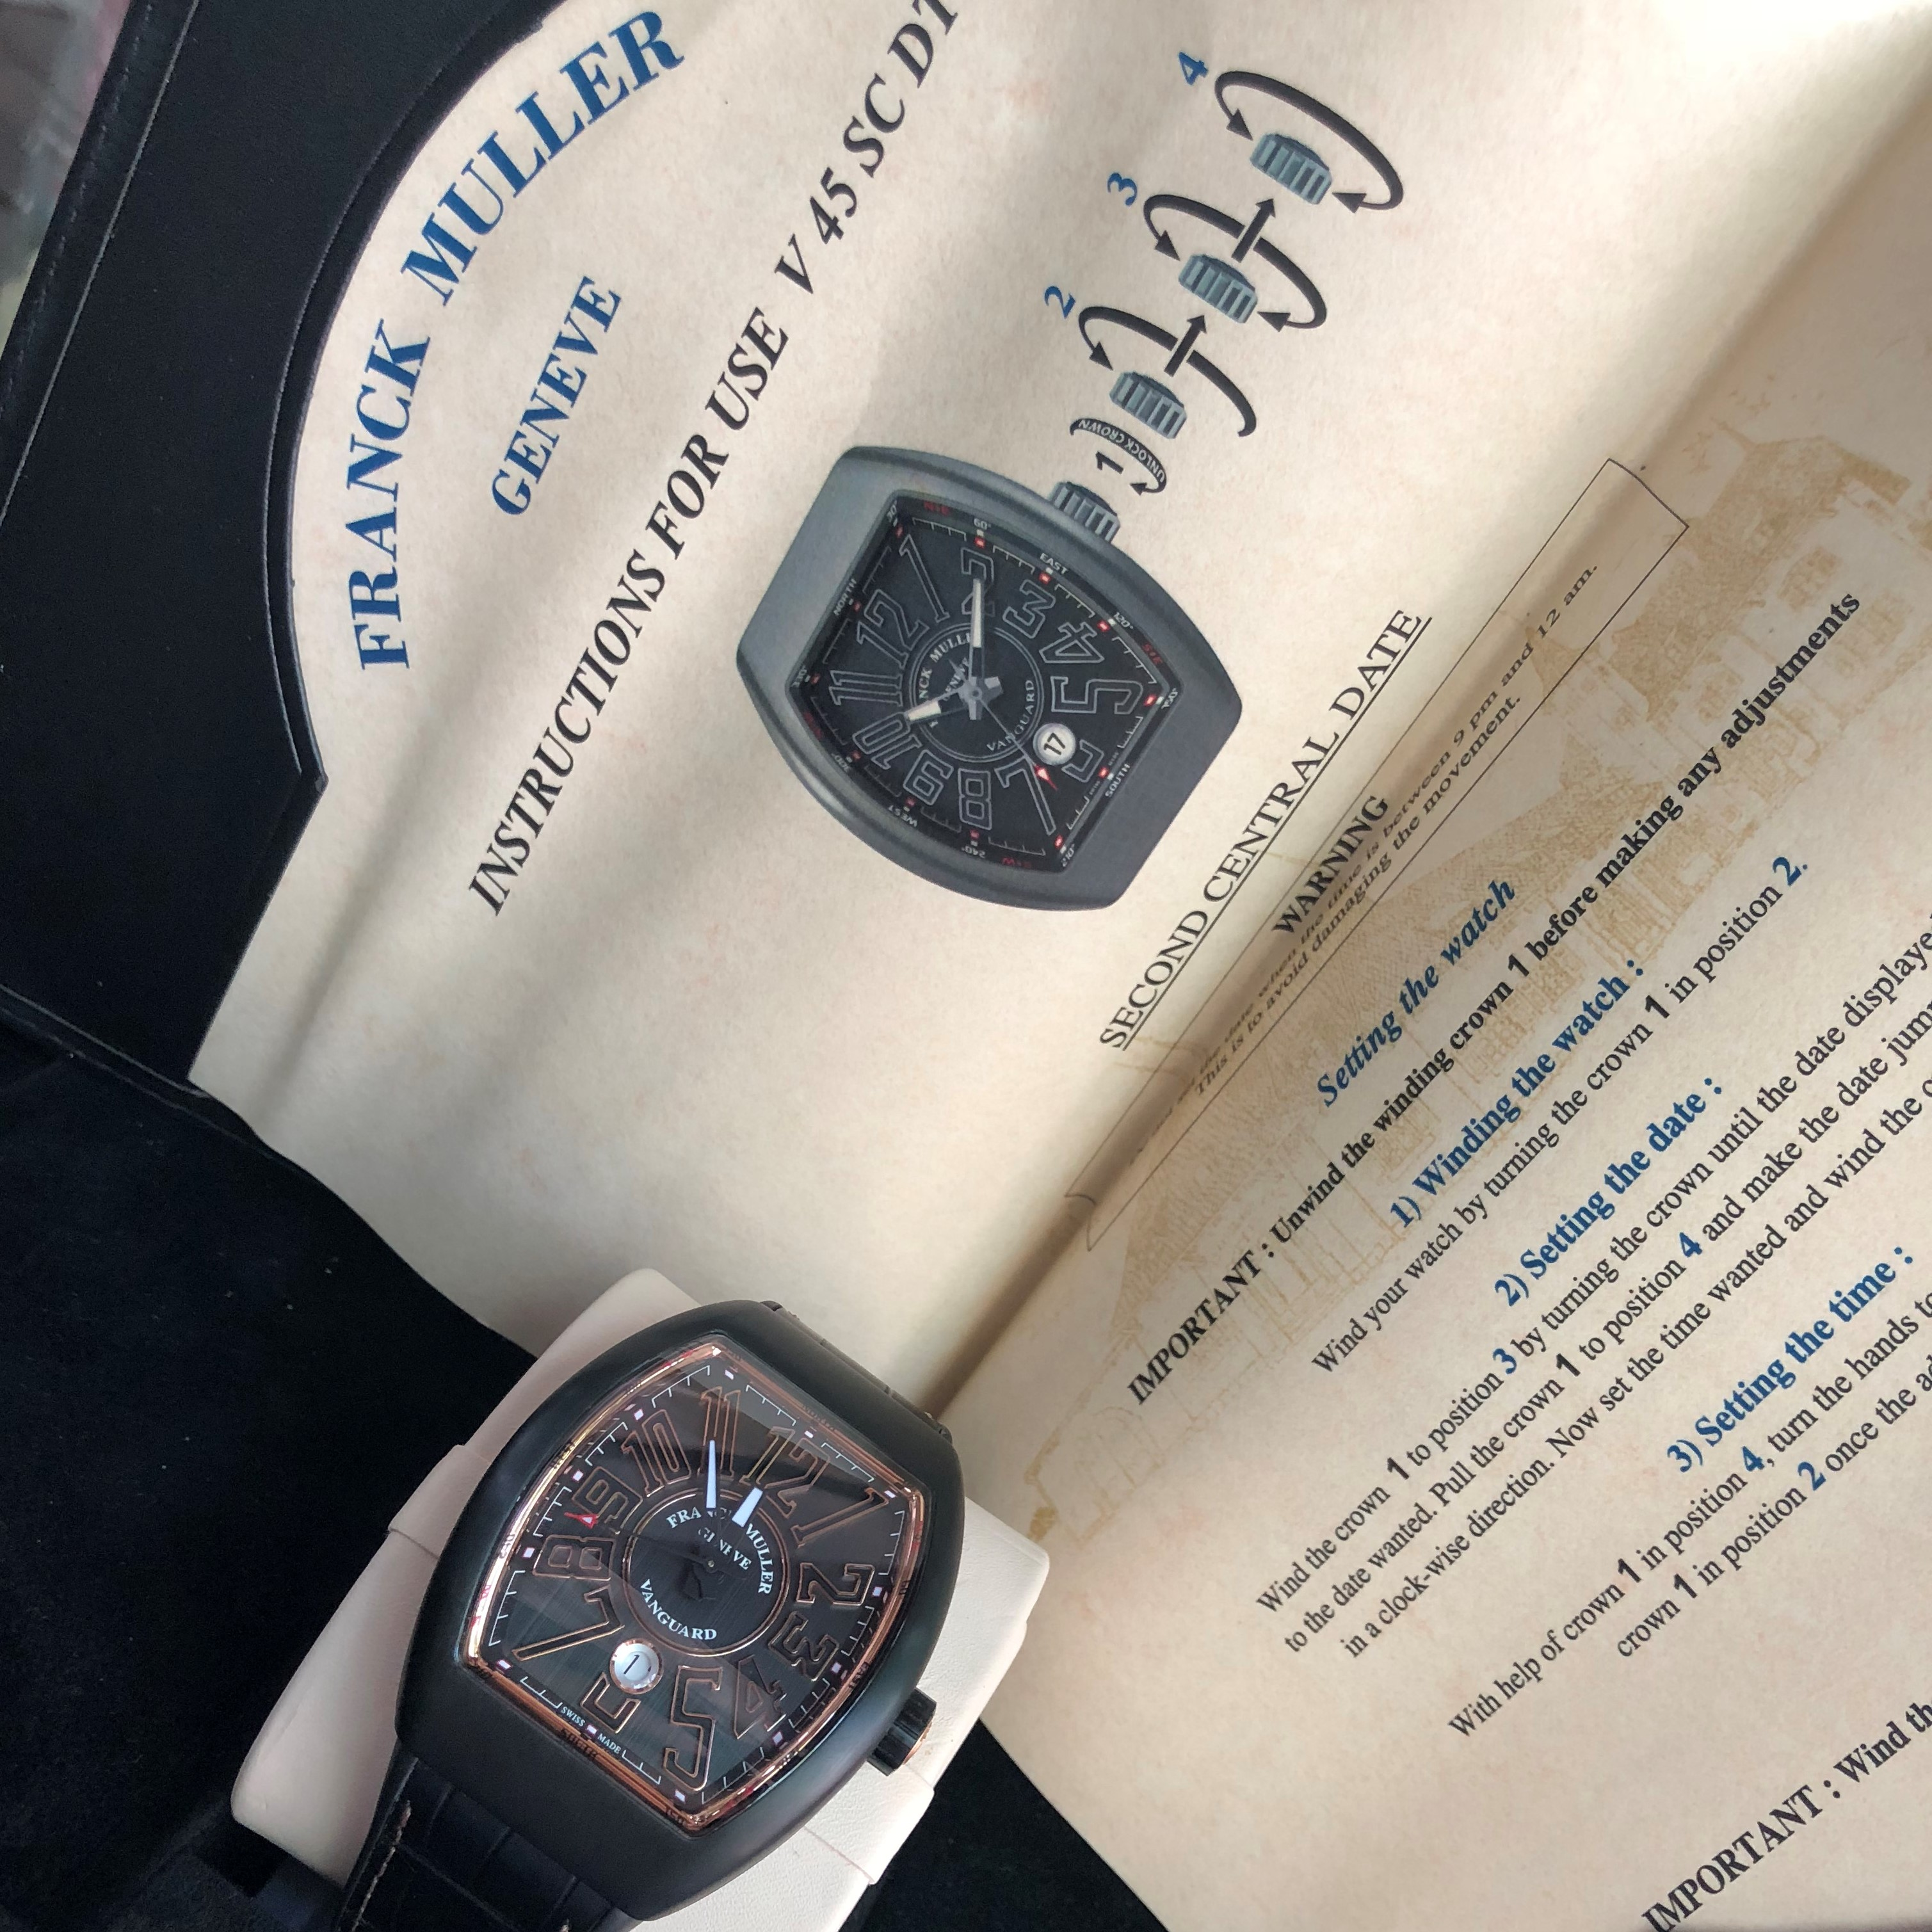 Franck Muller Vanguard Black Titanium 18k Rose Gold V 45 SC DT NR BR